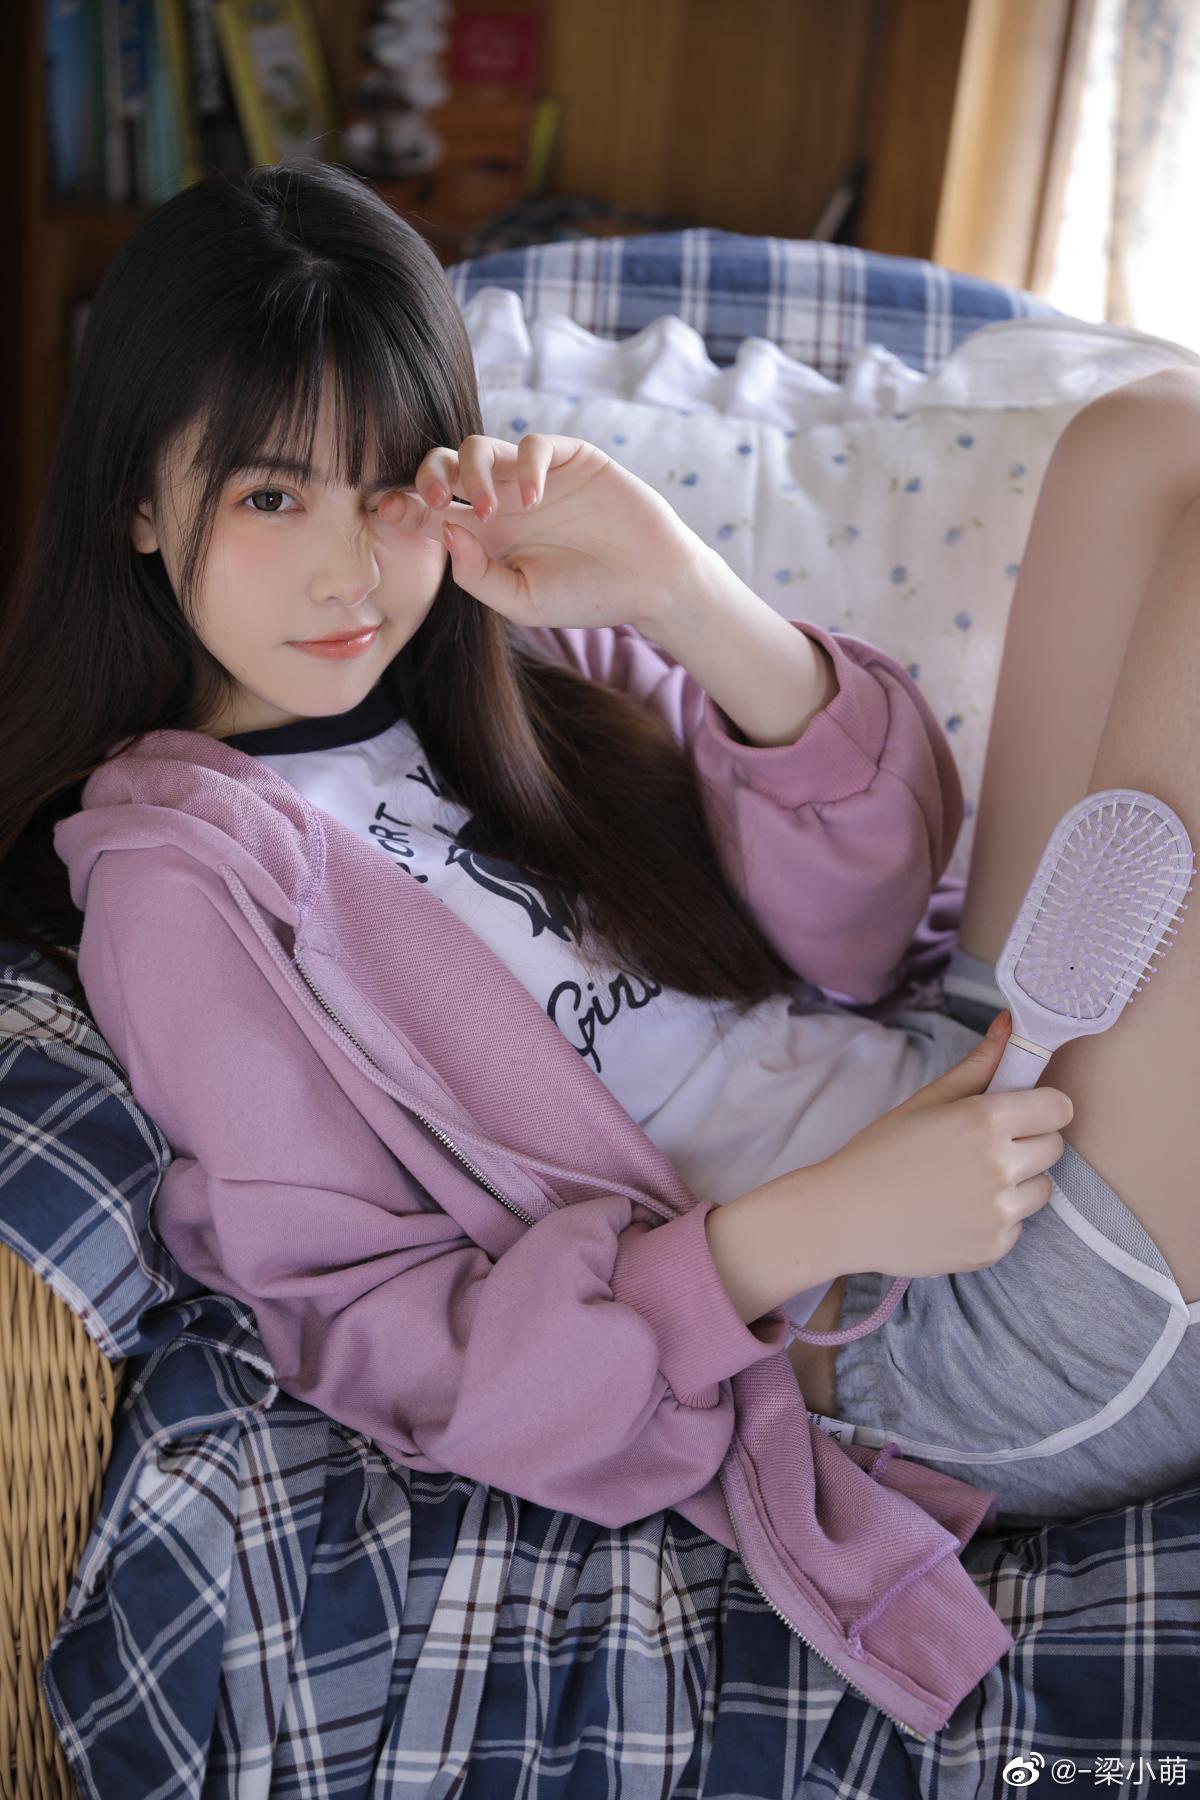 @-梁小萌 甜甜的紫薯山芋女孩,附无水印资源!www.coserba.com整理发布